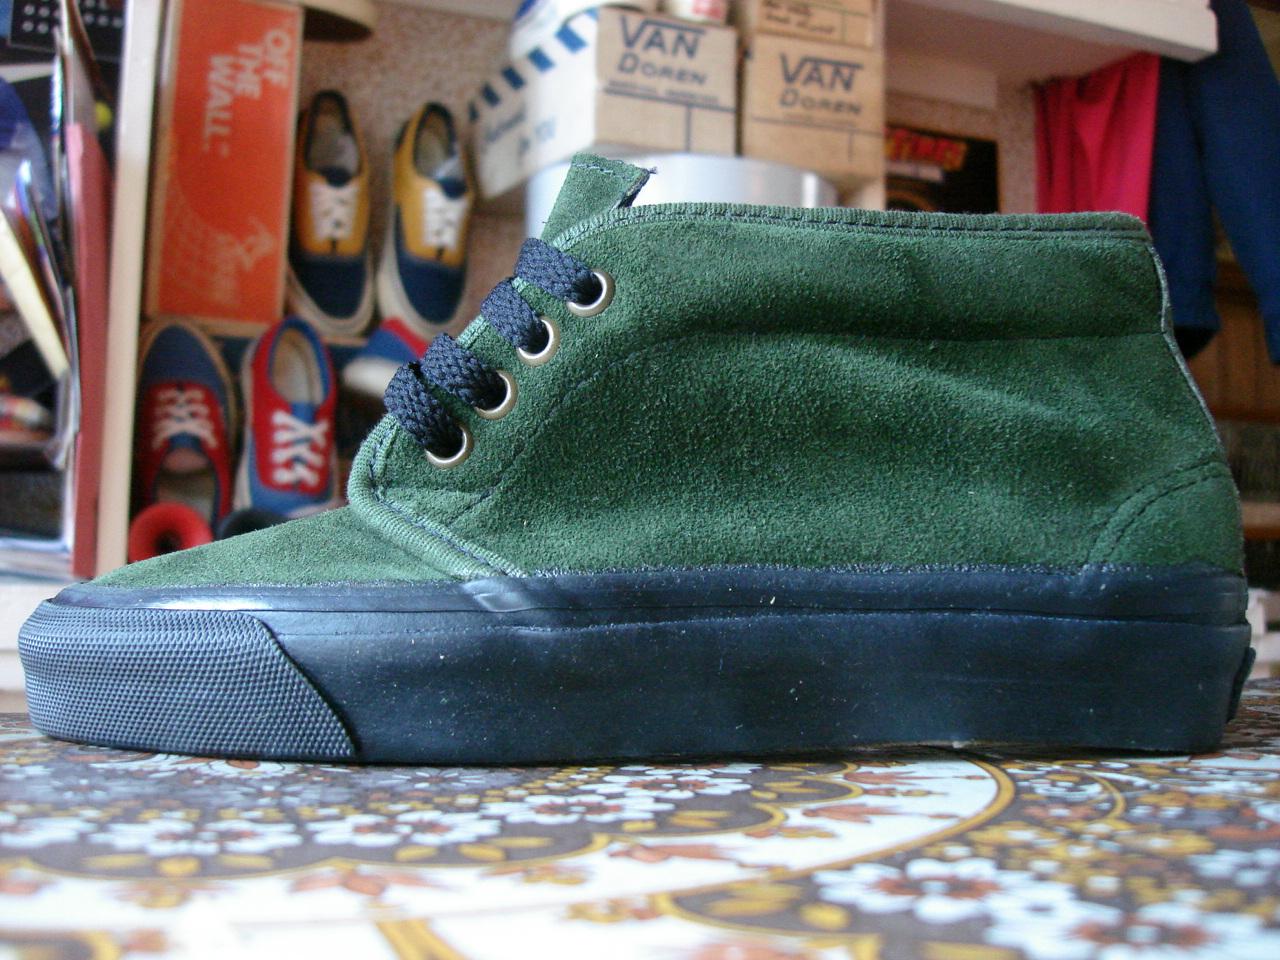 Theothersideofthepillow Vintage Vans Dark Green Suede